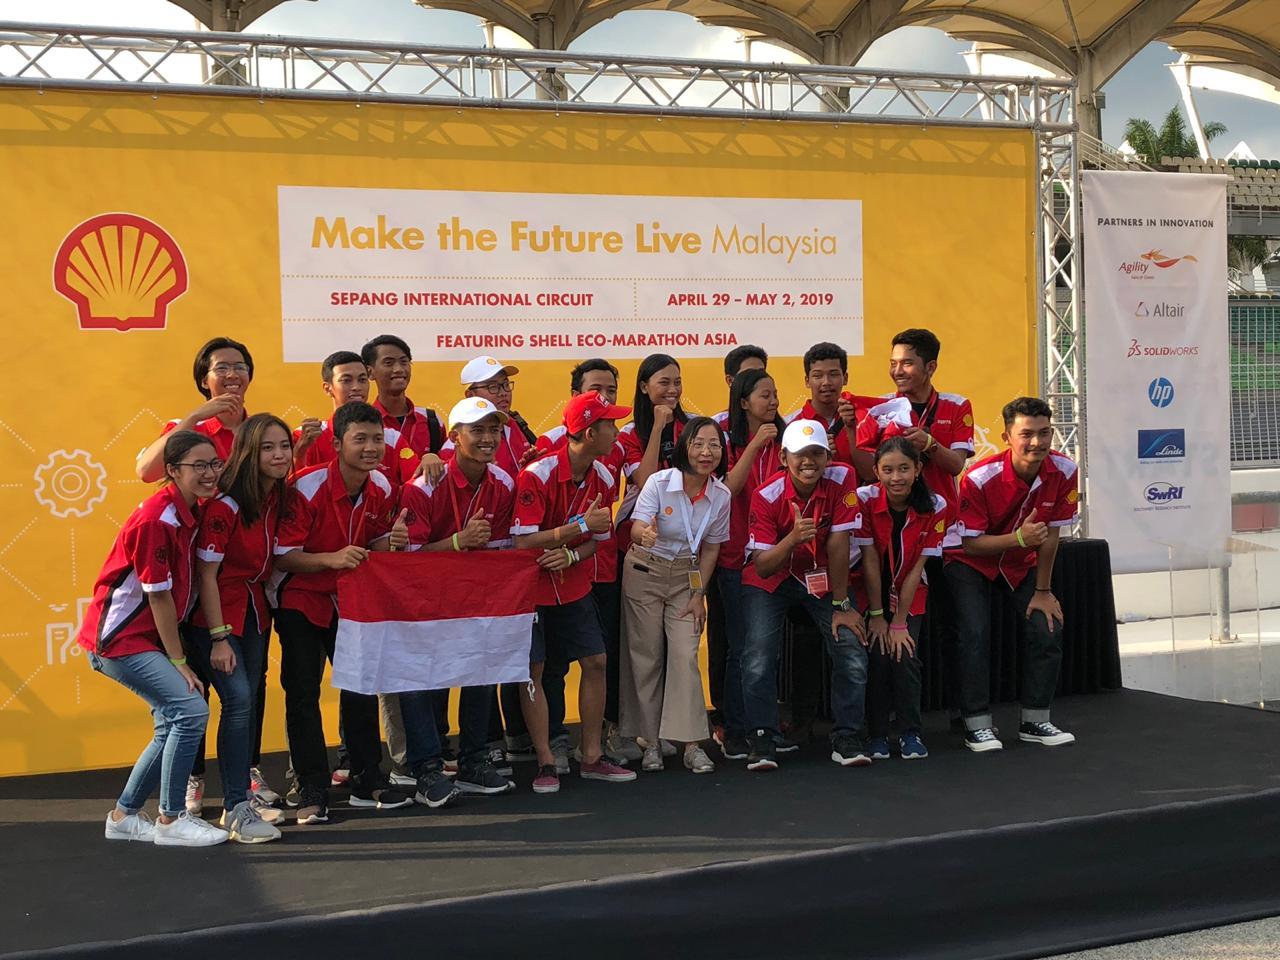 Mahasiswa Indonesia Kembali Meraih Penghargaan dan Berhak Menuju Ke Final Kompetisi Shell Eco-Marathon